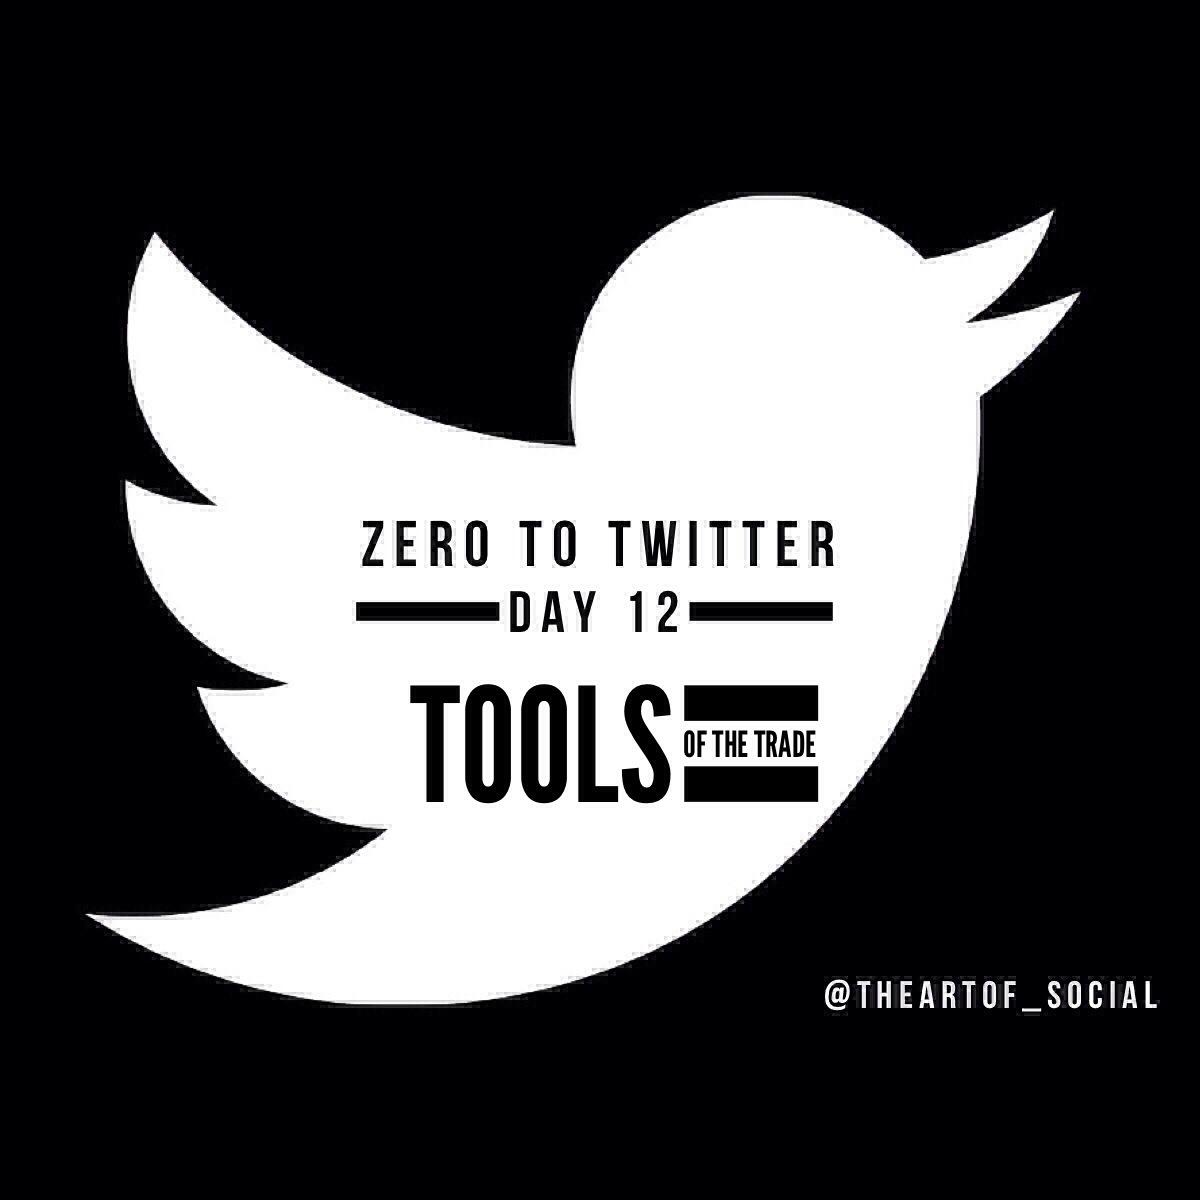 ZeroToTwitterDay12_Tools.jpg